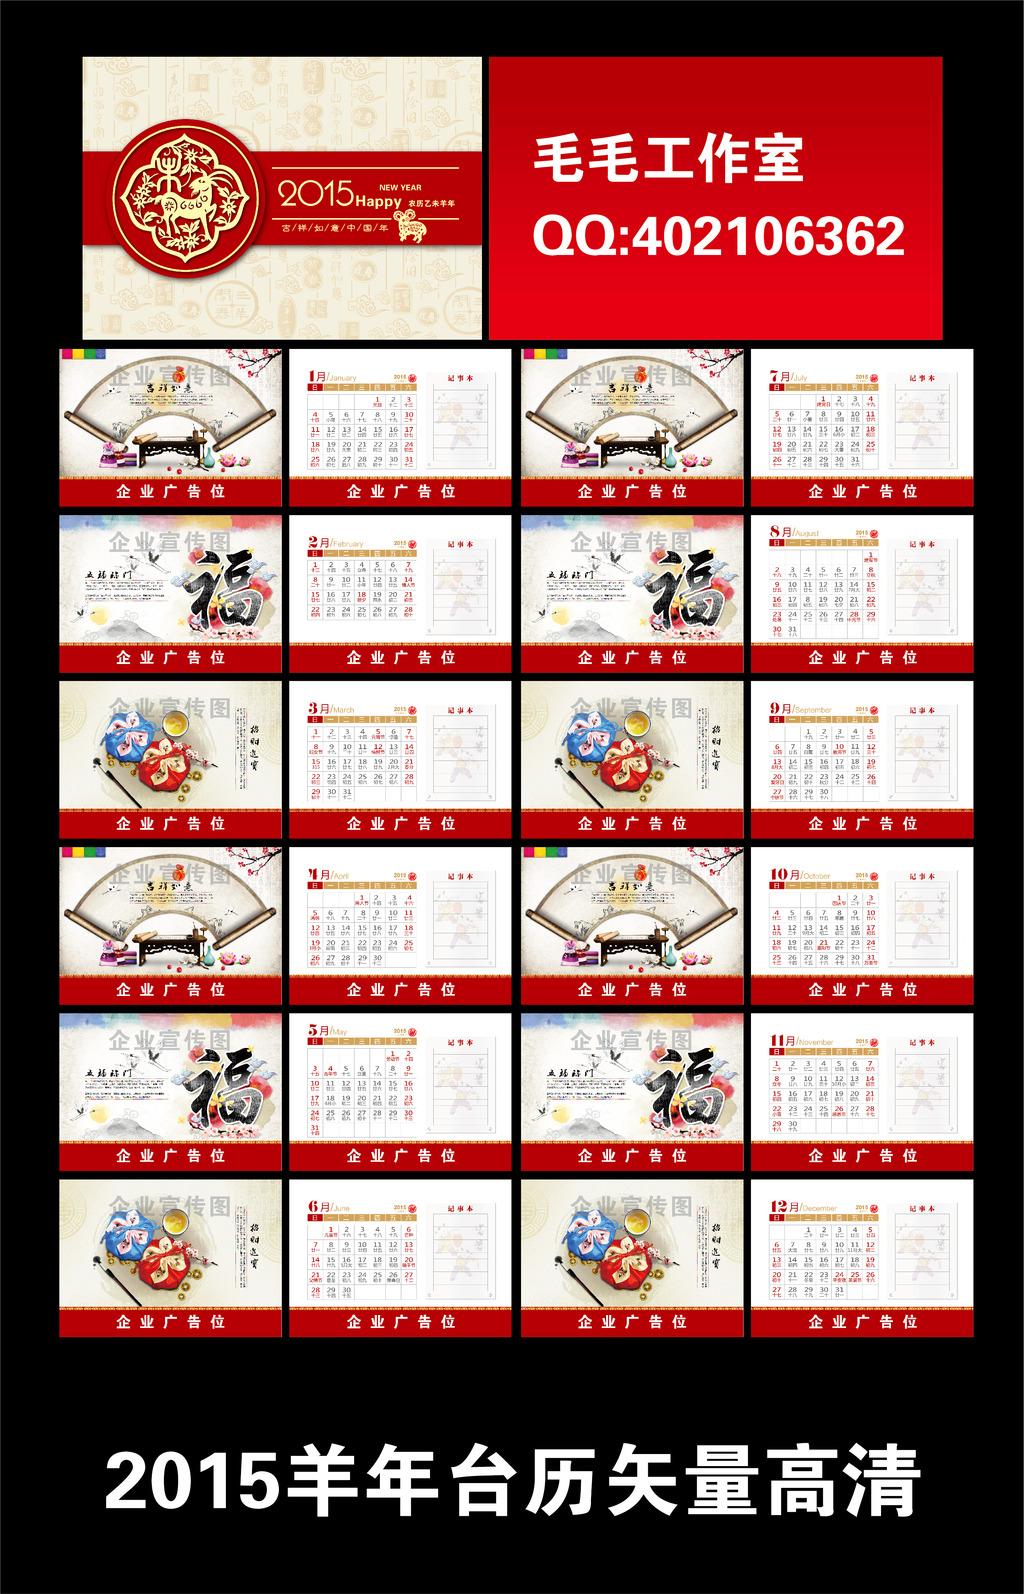 2015年台历设计 台历 带黄历的周历图片